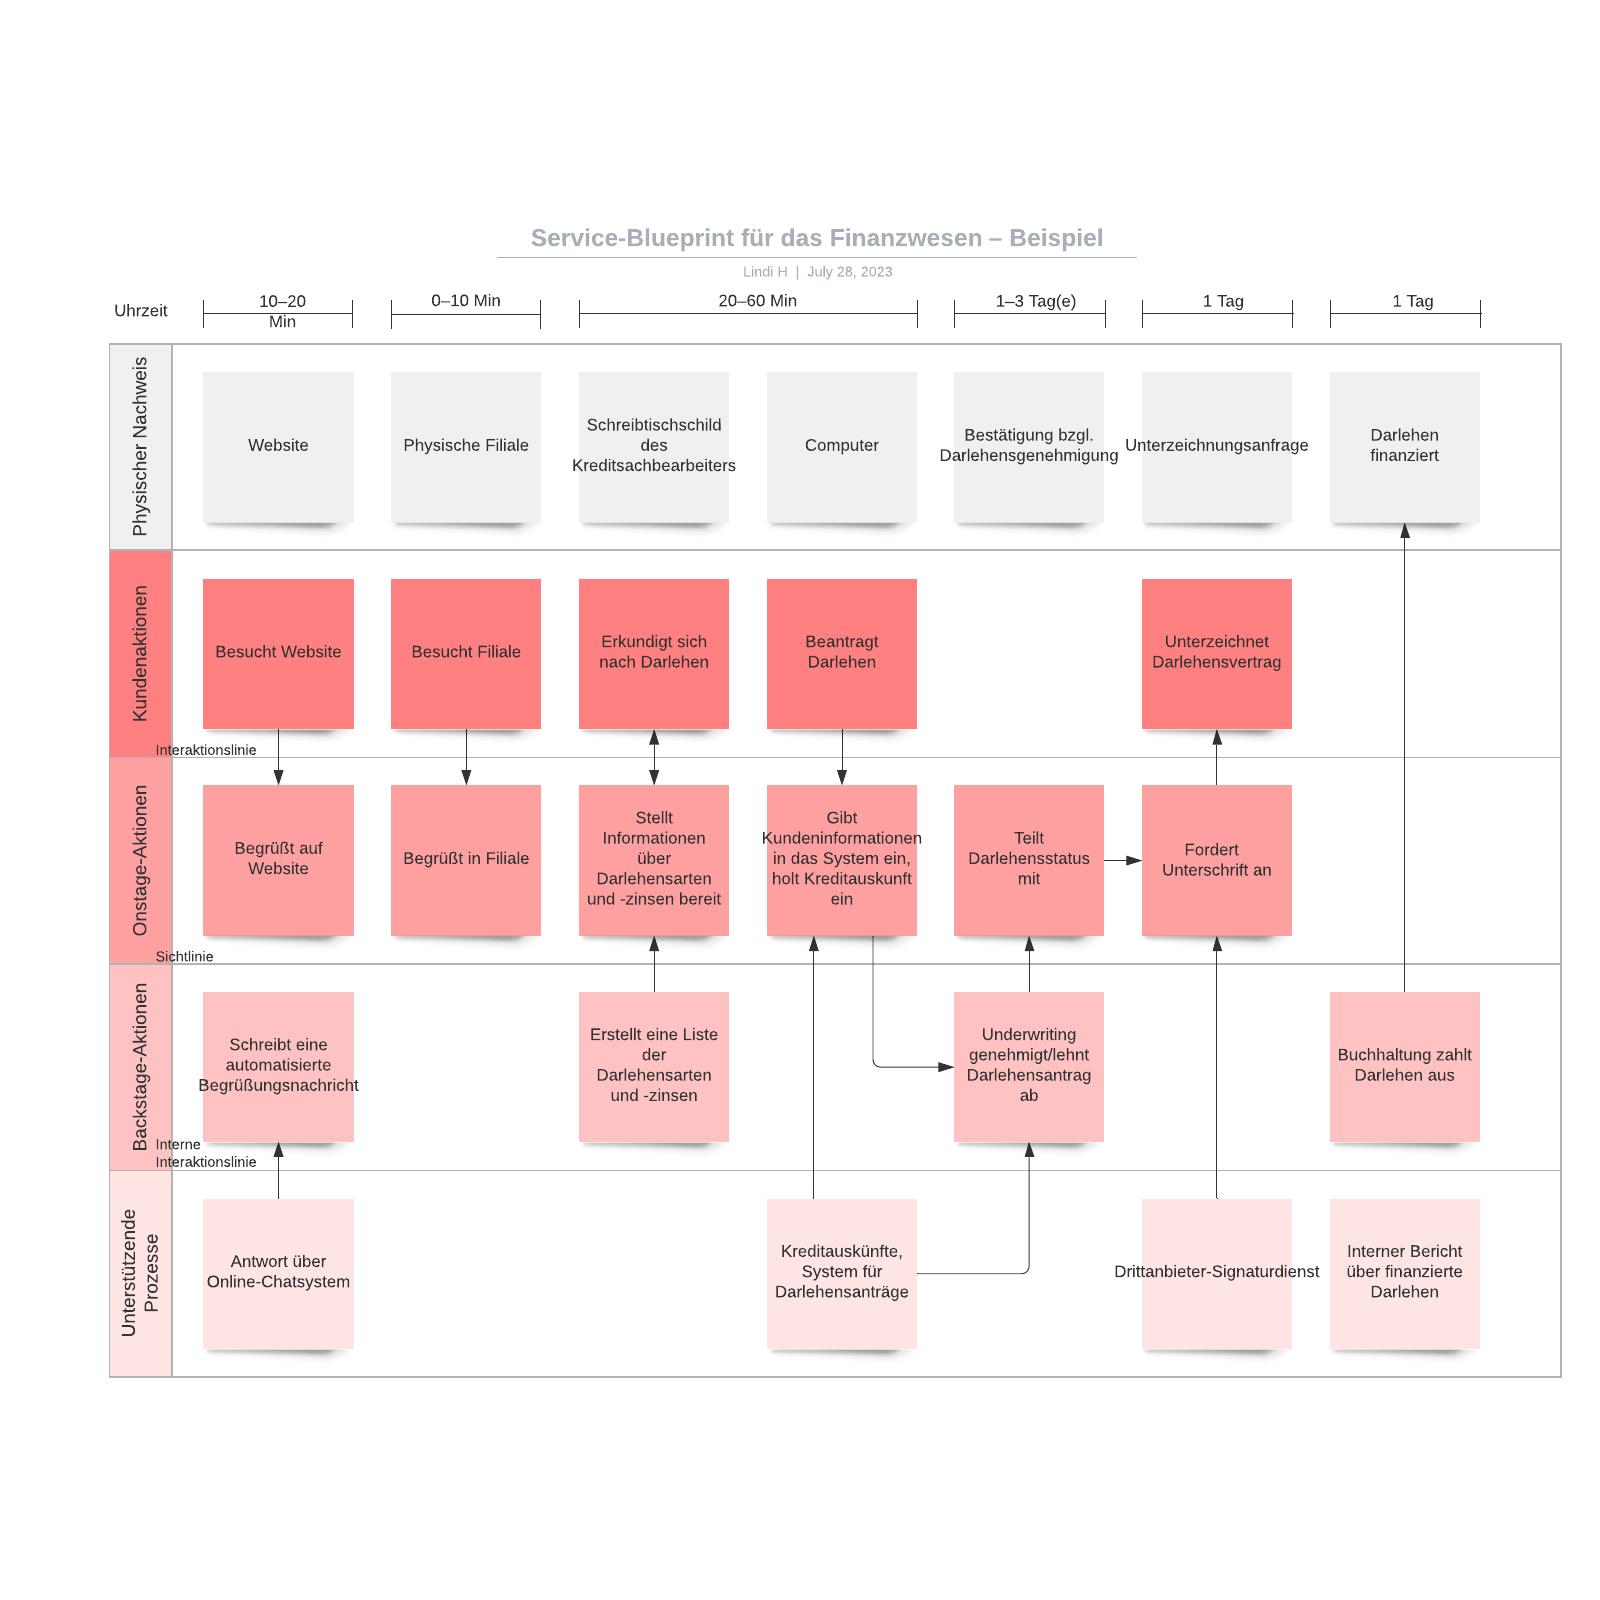 Finanzwesen Service-Blueprint – Beispiel